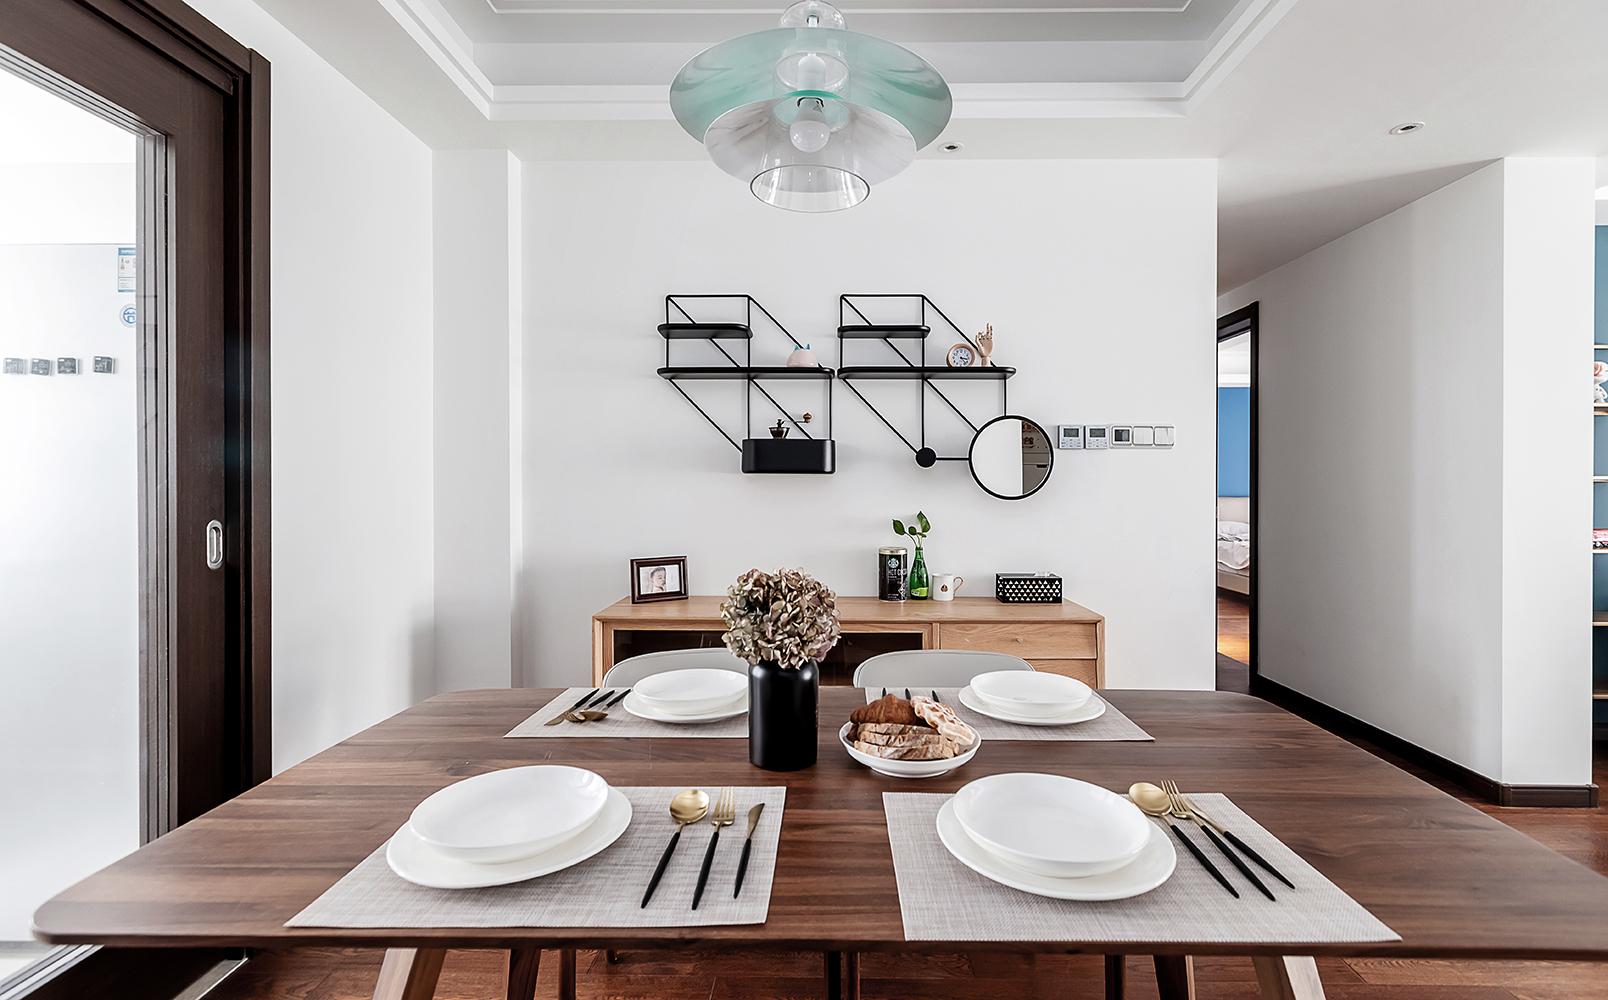 轻奢128平混搭三居餐厅装修设计图厨房板材潮流混搭餐厅设计图片赏析